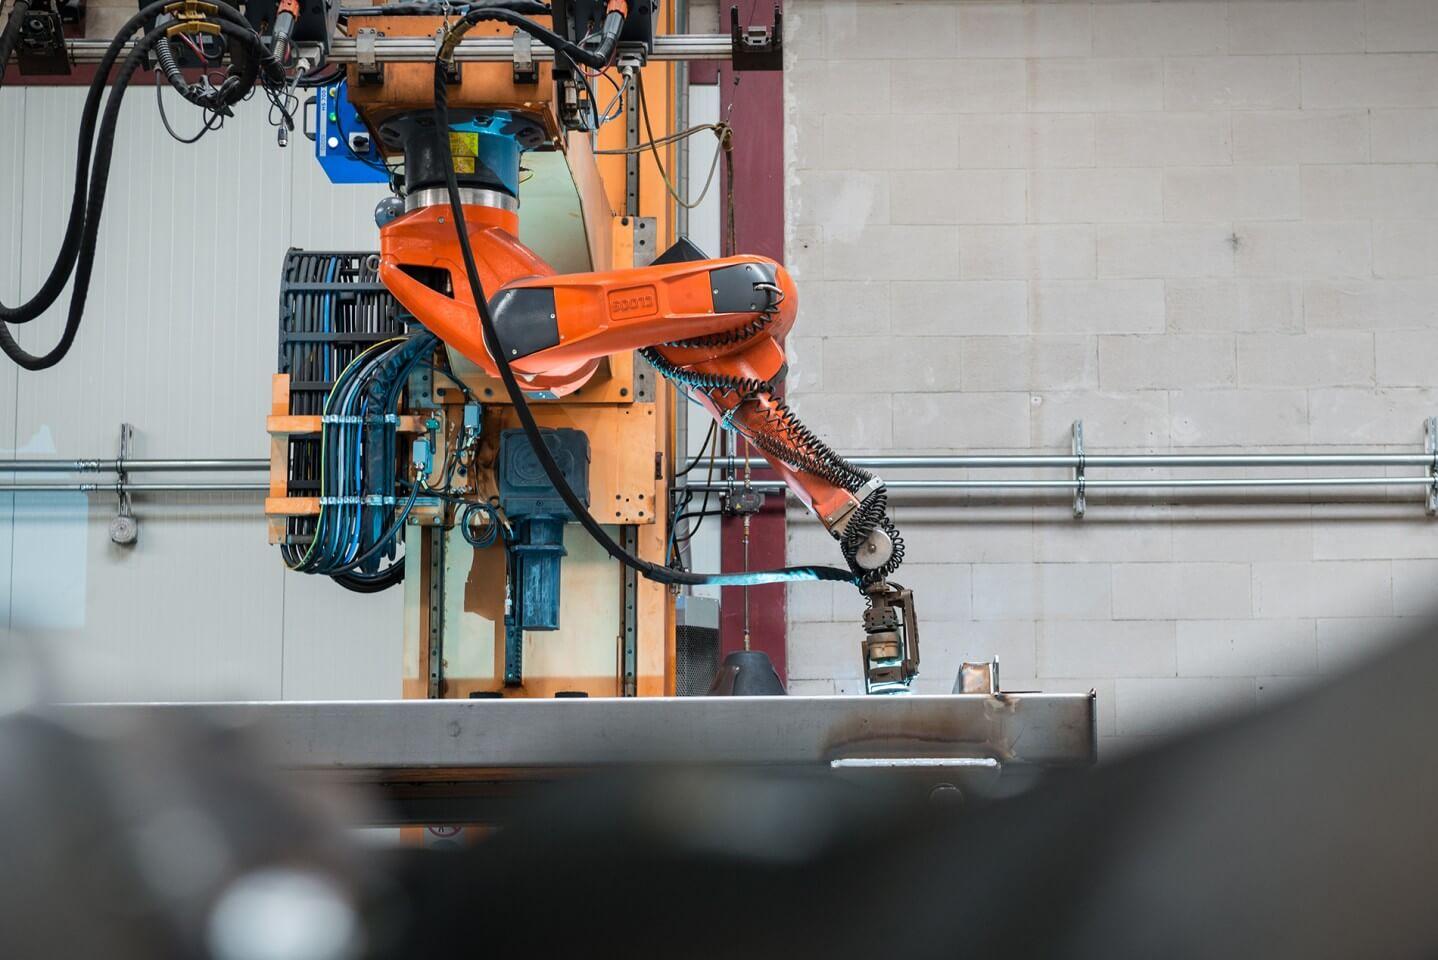 Robotlassen met Lasrobot 2 CLOOS GLC